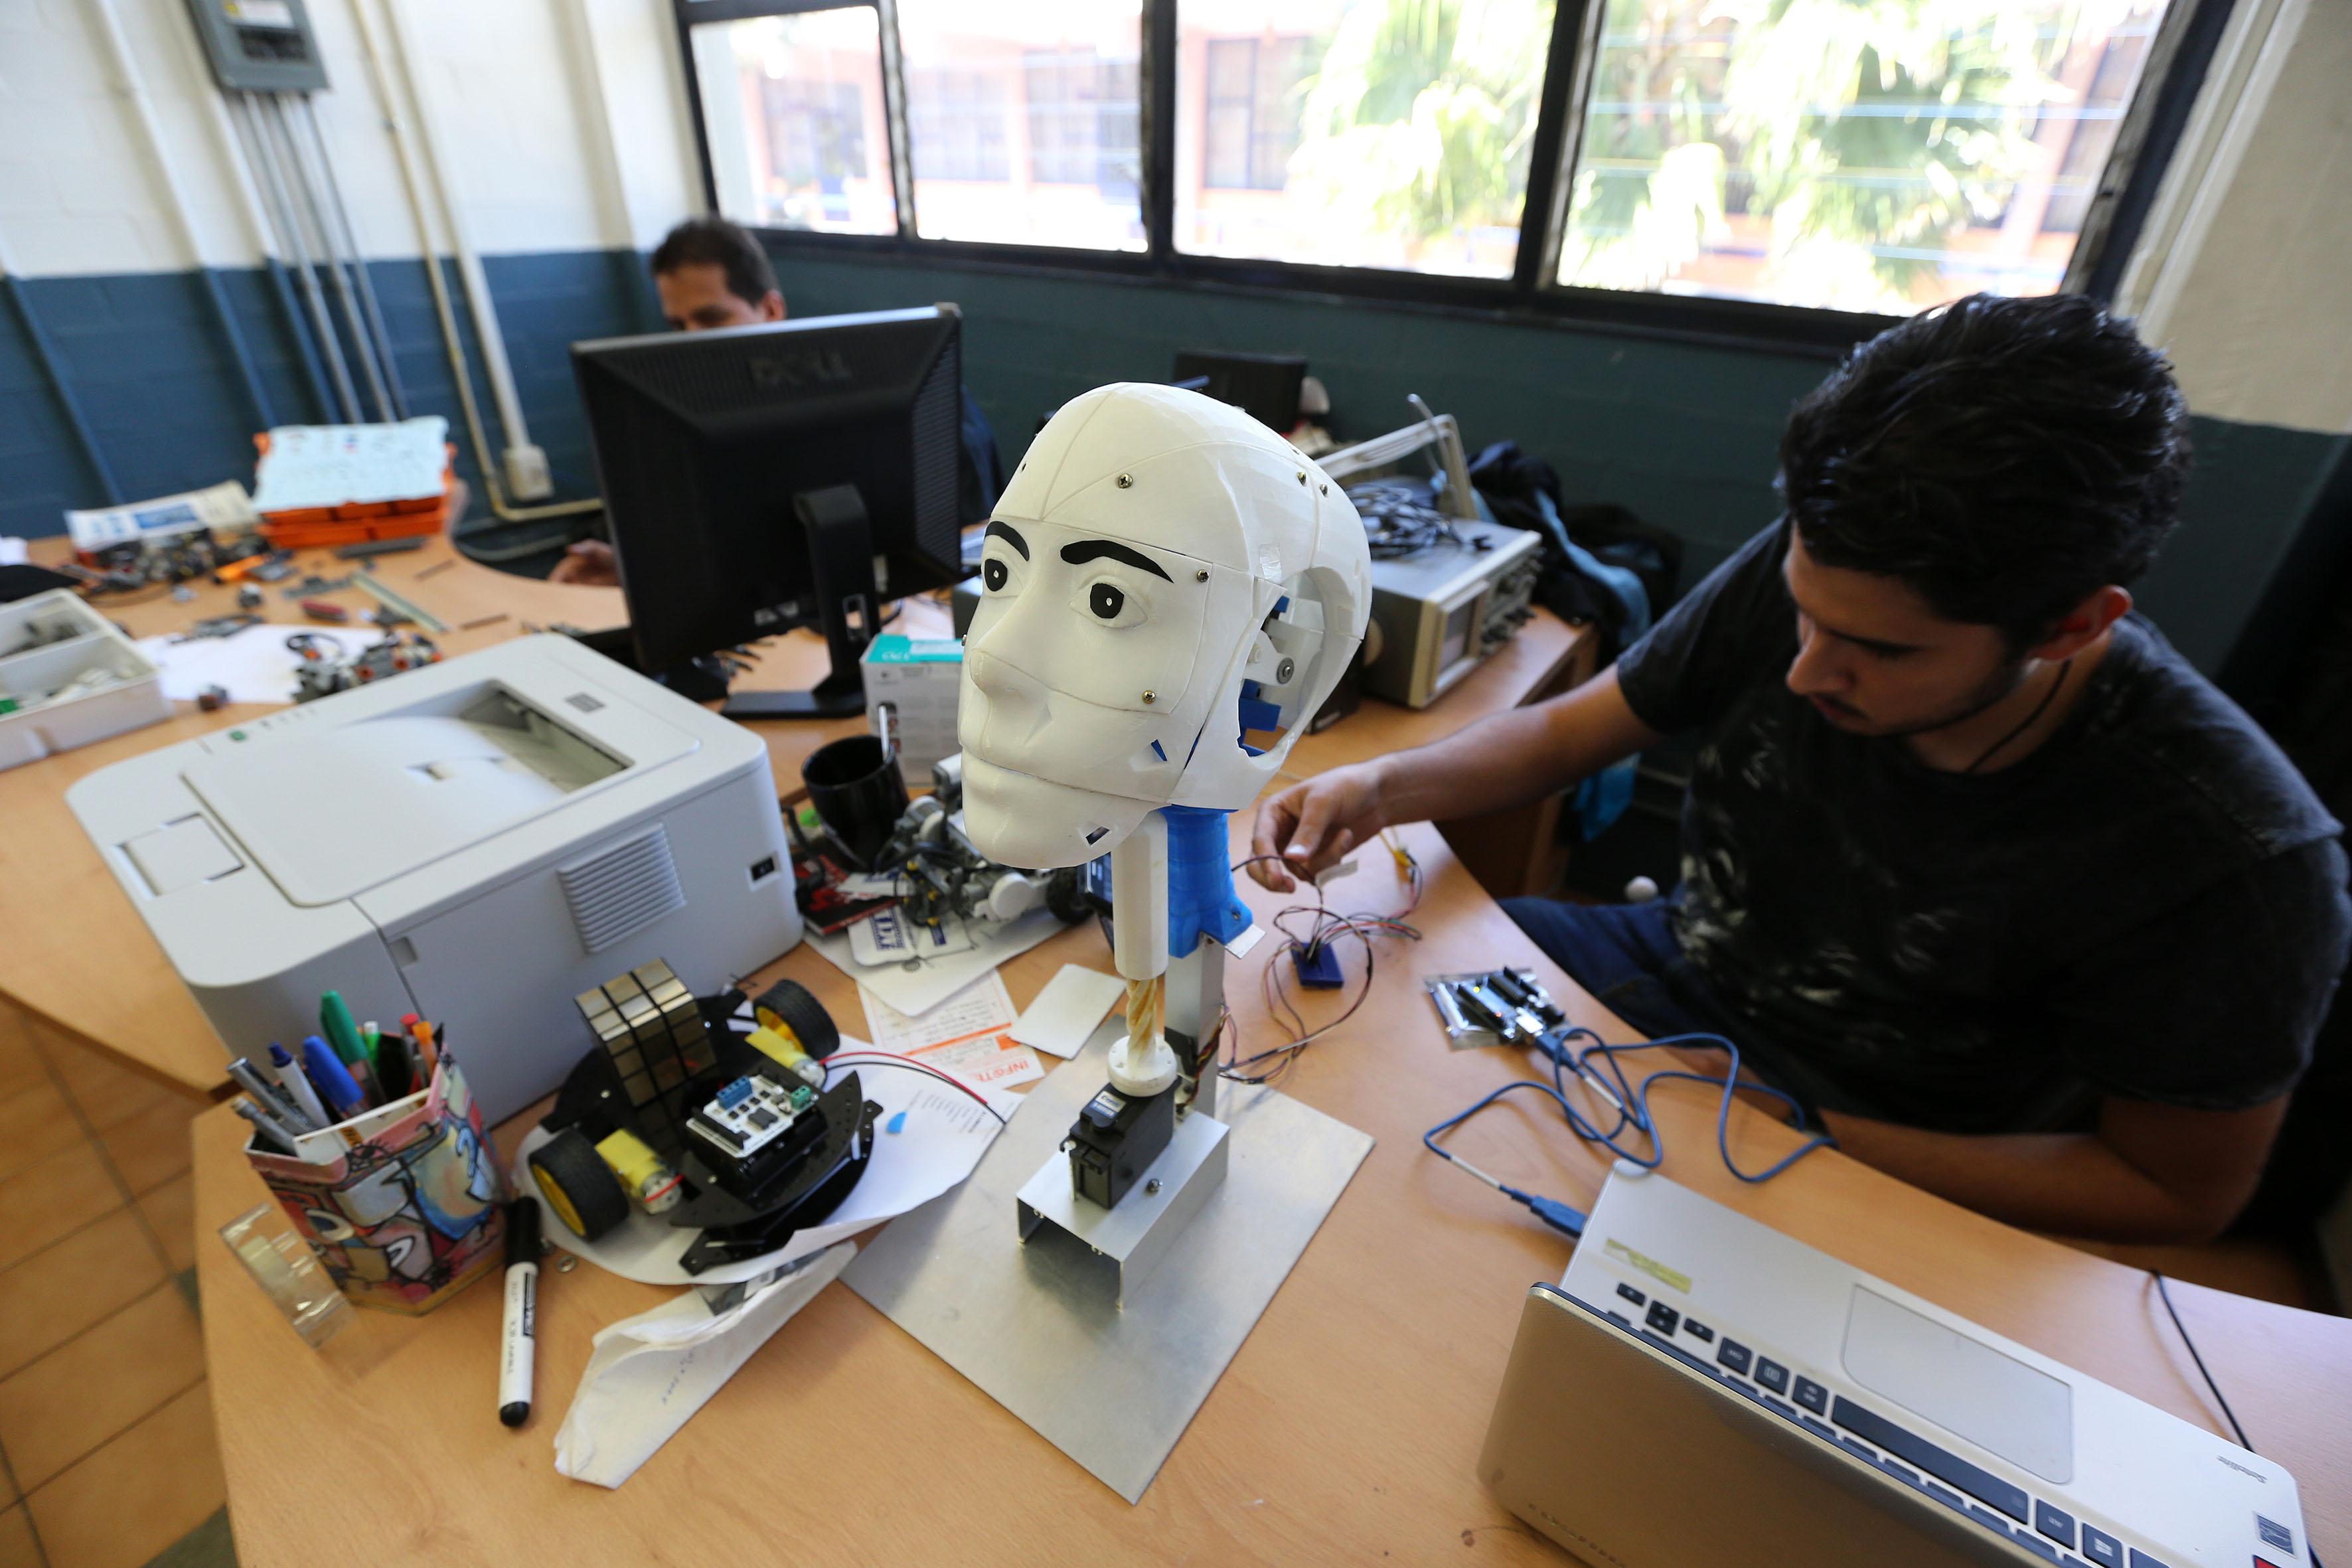 Los robots podrían servir de compañía y auxilio en las labores cotidianas